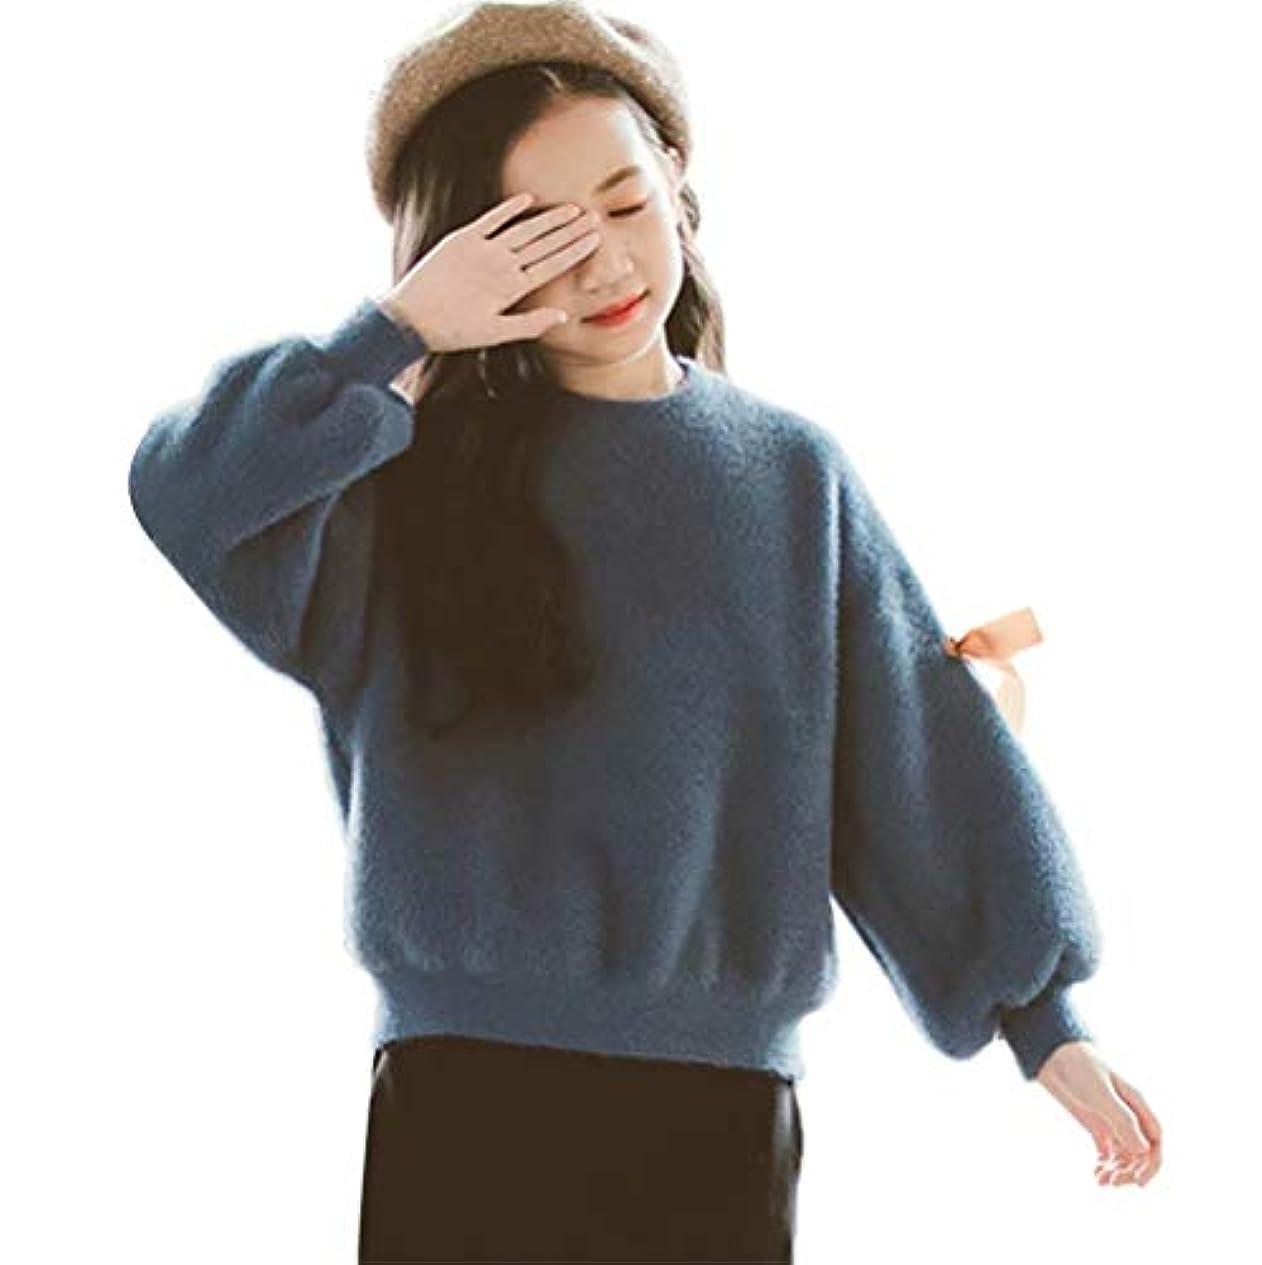 スリット数値急いでBurning Go キッズ パーカー スウエット 女の子 トレーナー セーター もこもこ 蝶リボン プルオーバー トップス 秋冬 ゆったり 柔らかい スポーツウェア 運動服 ダンス衣装